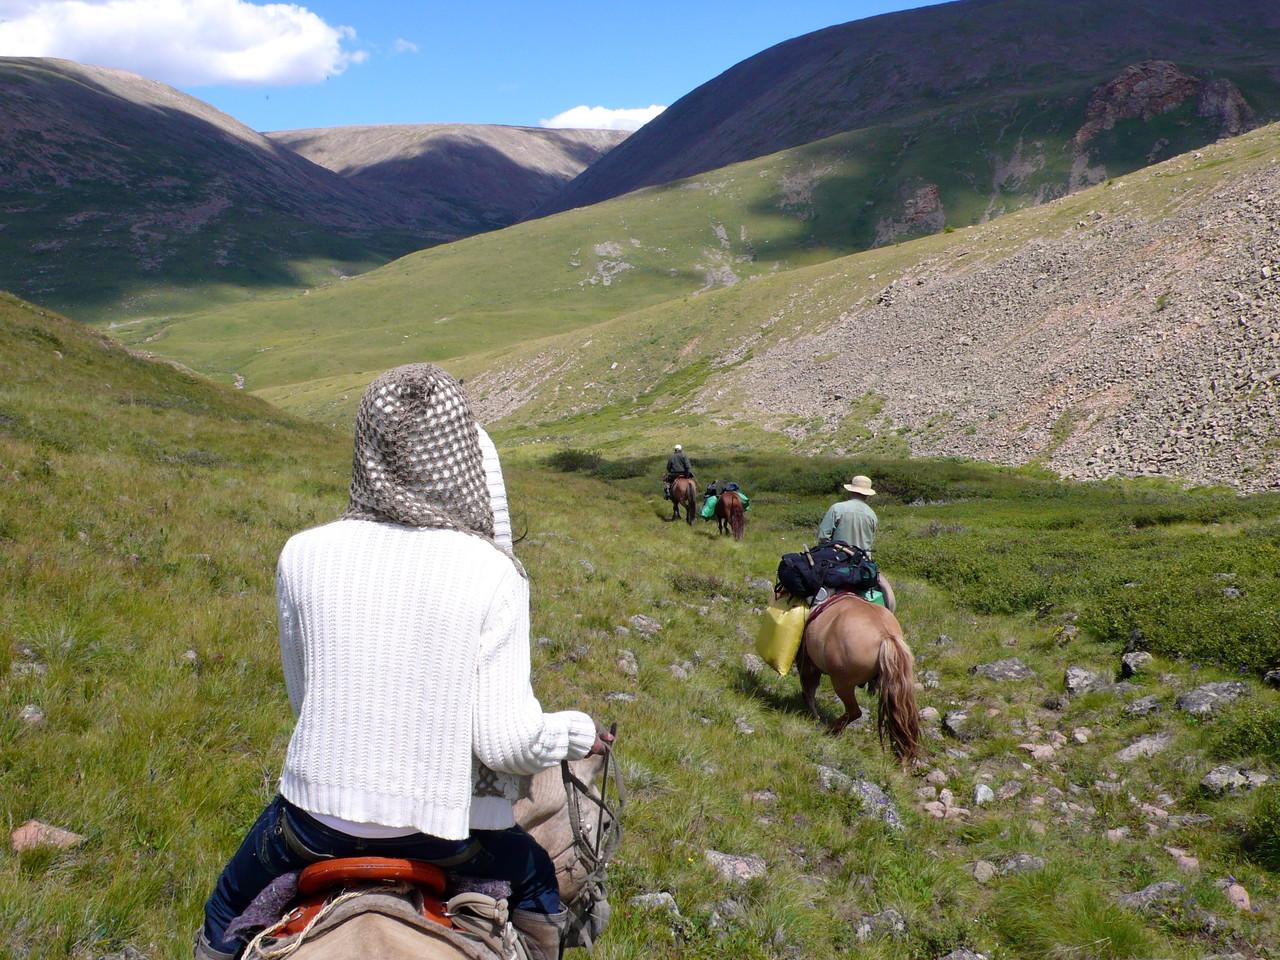 Pente forte en altitude, bien maîtriser son cheval à la descente, attention au vide